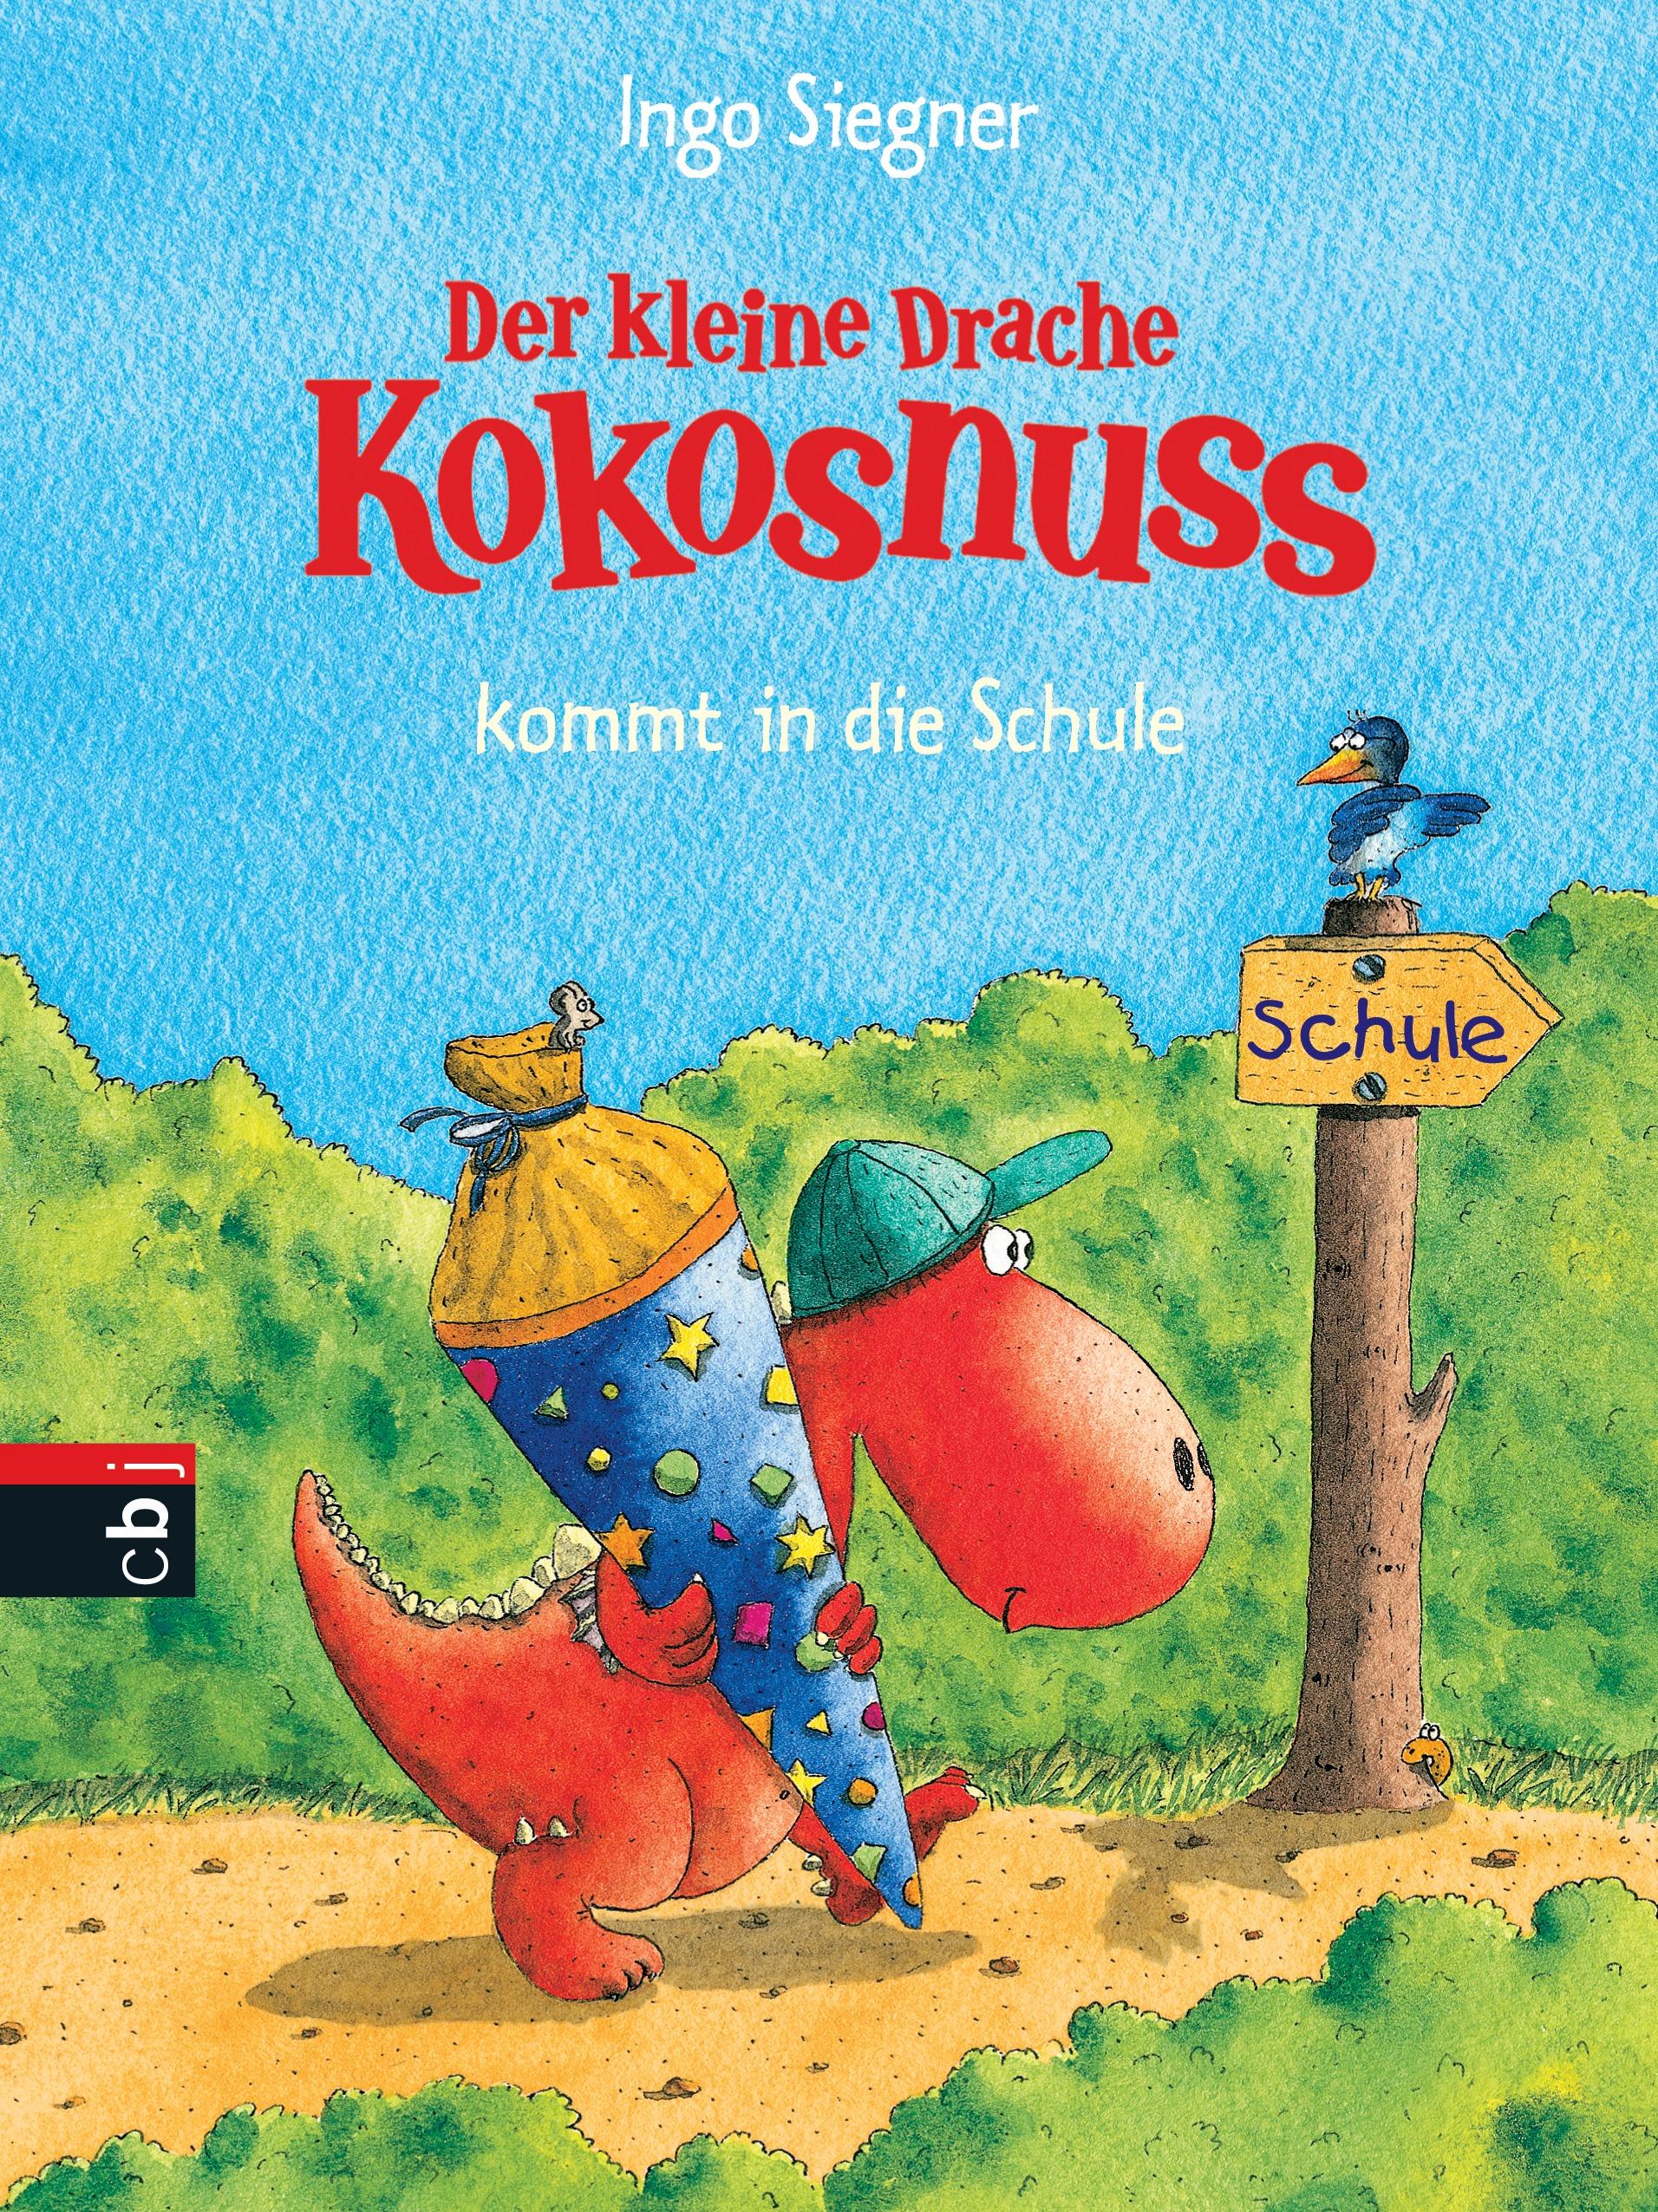 Der kleine Drache Kokosnuss kommt in die Schule - Ingo Siegner